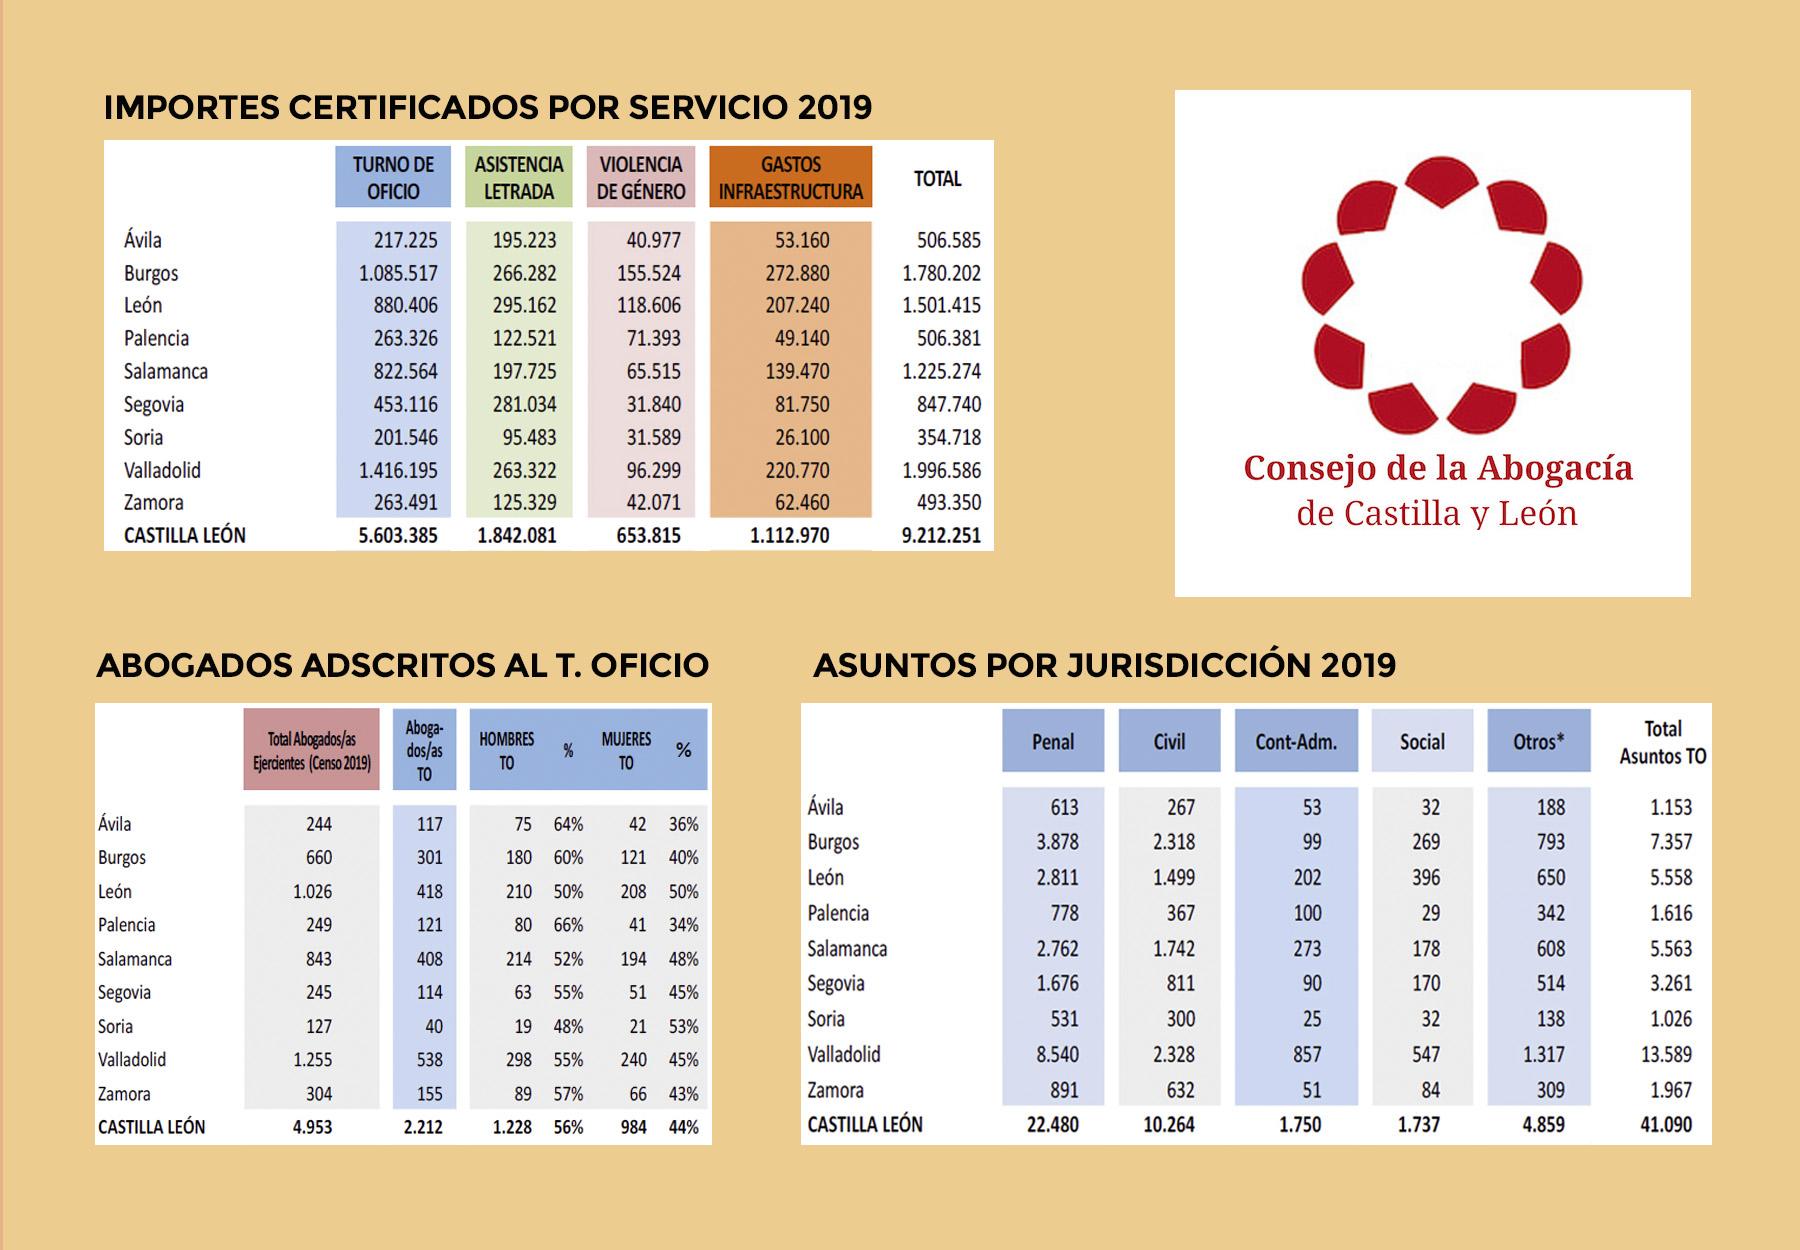 La violencia de género en León se reduce un 5%, según el turno de oficio